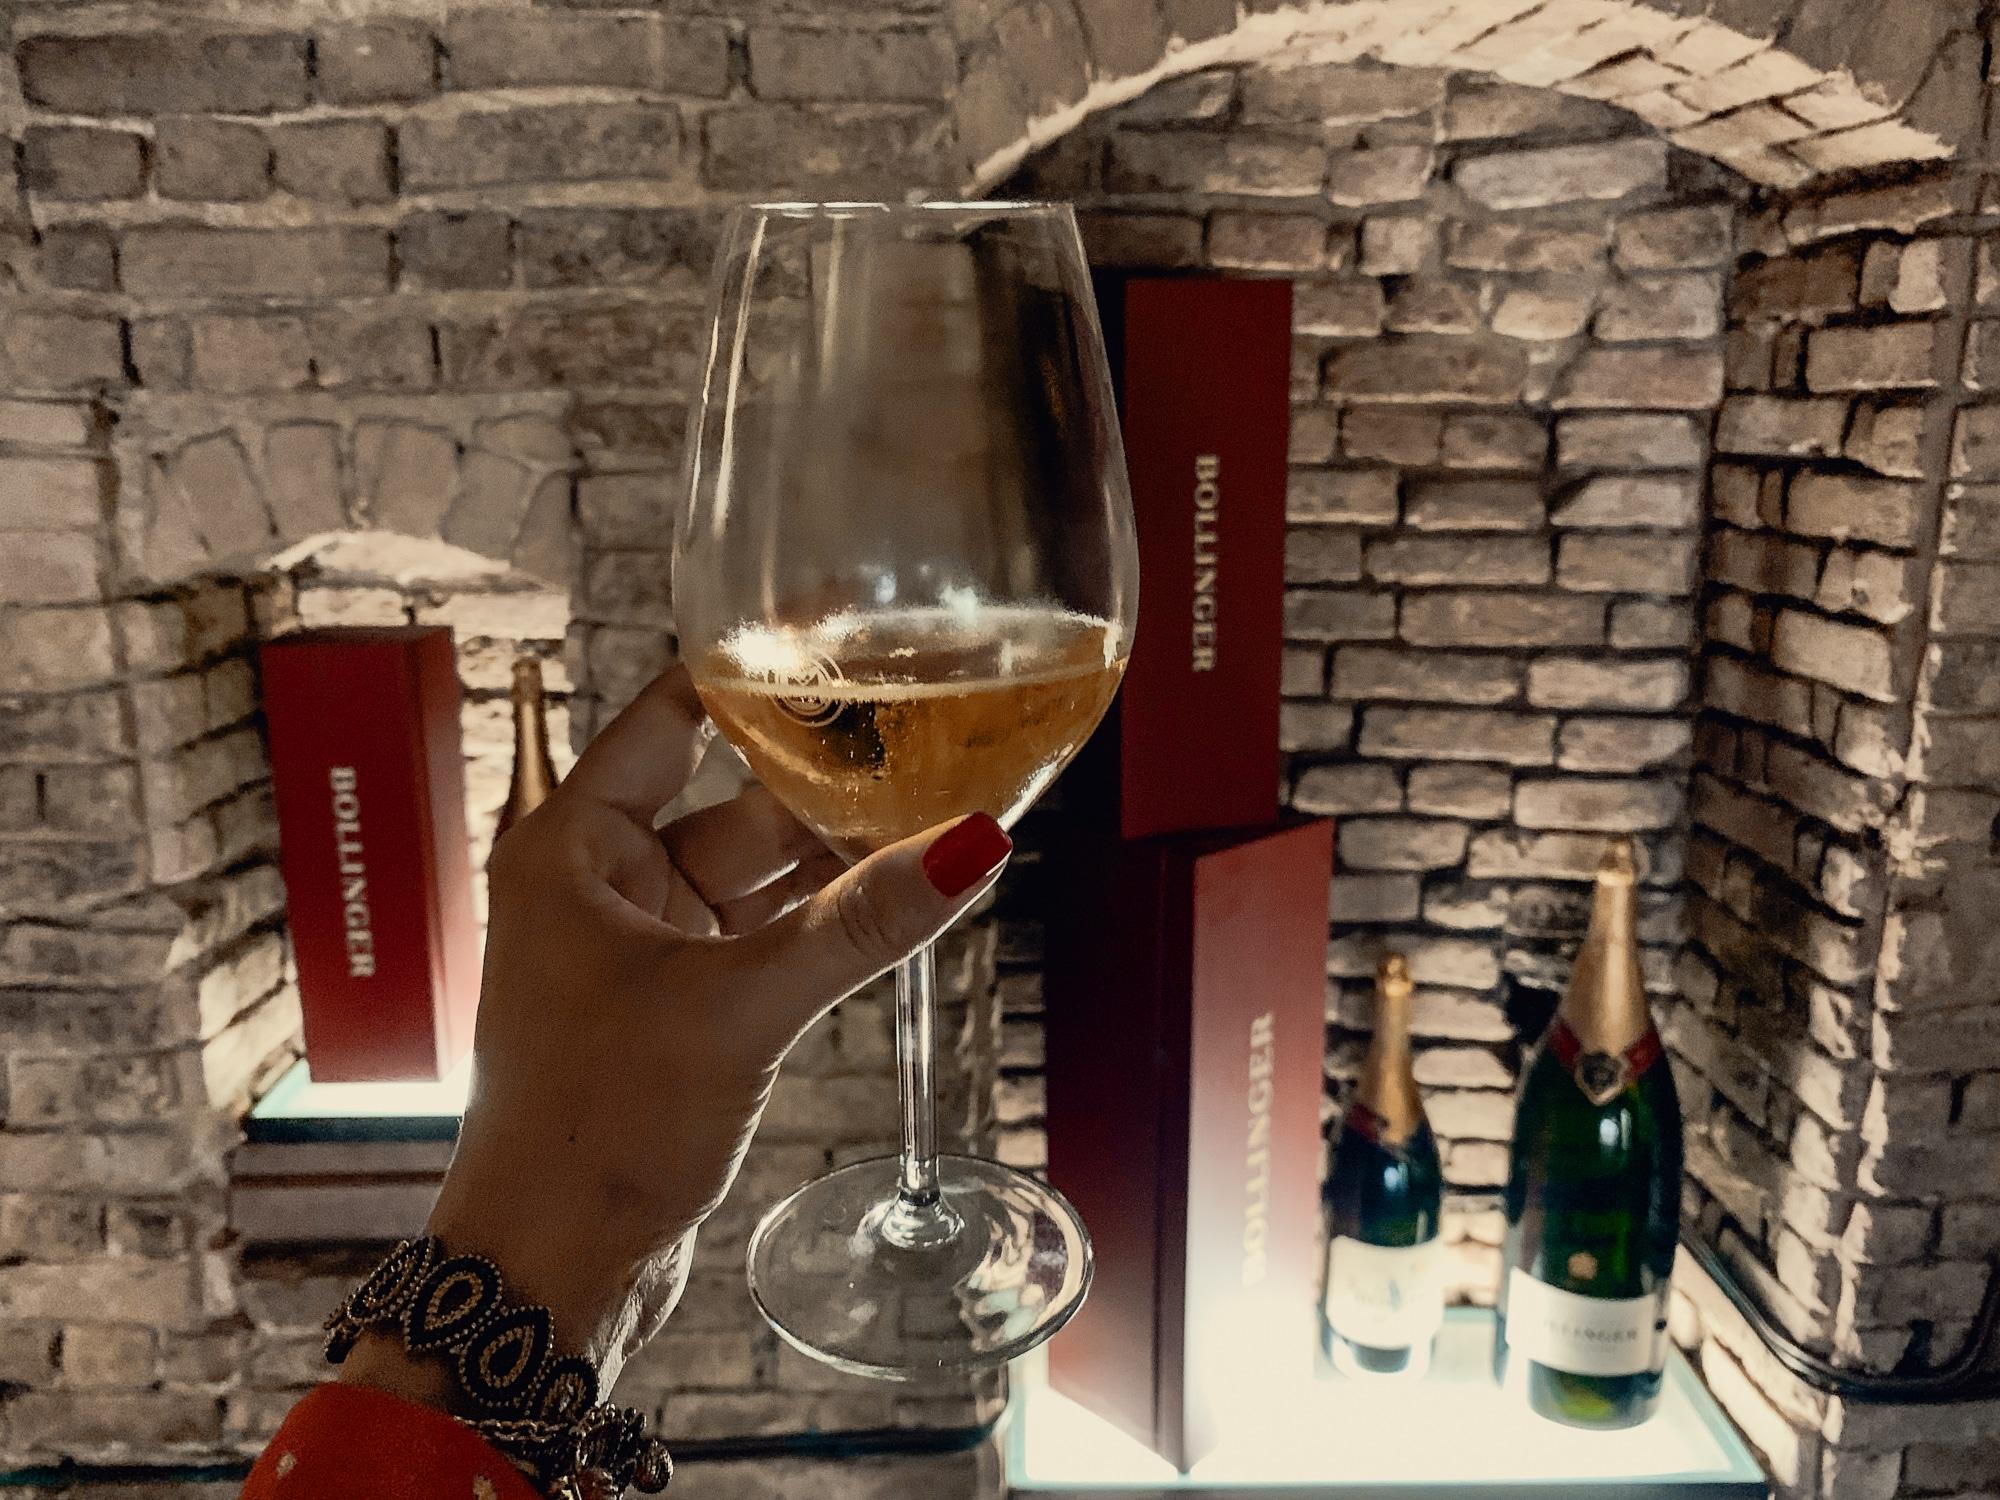 Monza und Brianza: Sehenswürdigkeiten und Highlights in der Lombardei - Cantina Meregalli Weinverkostung